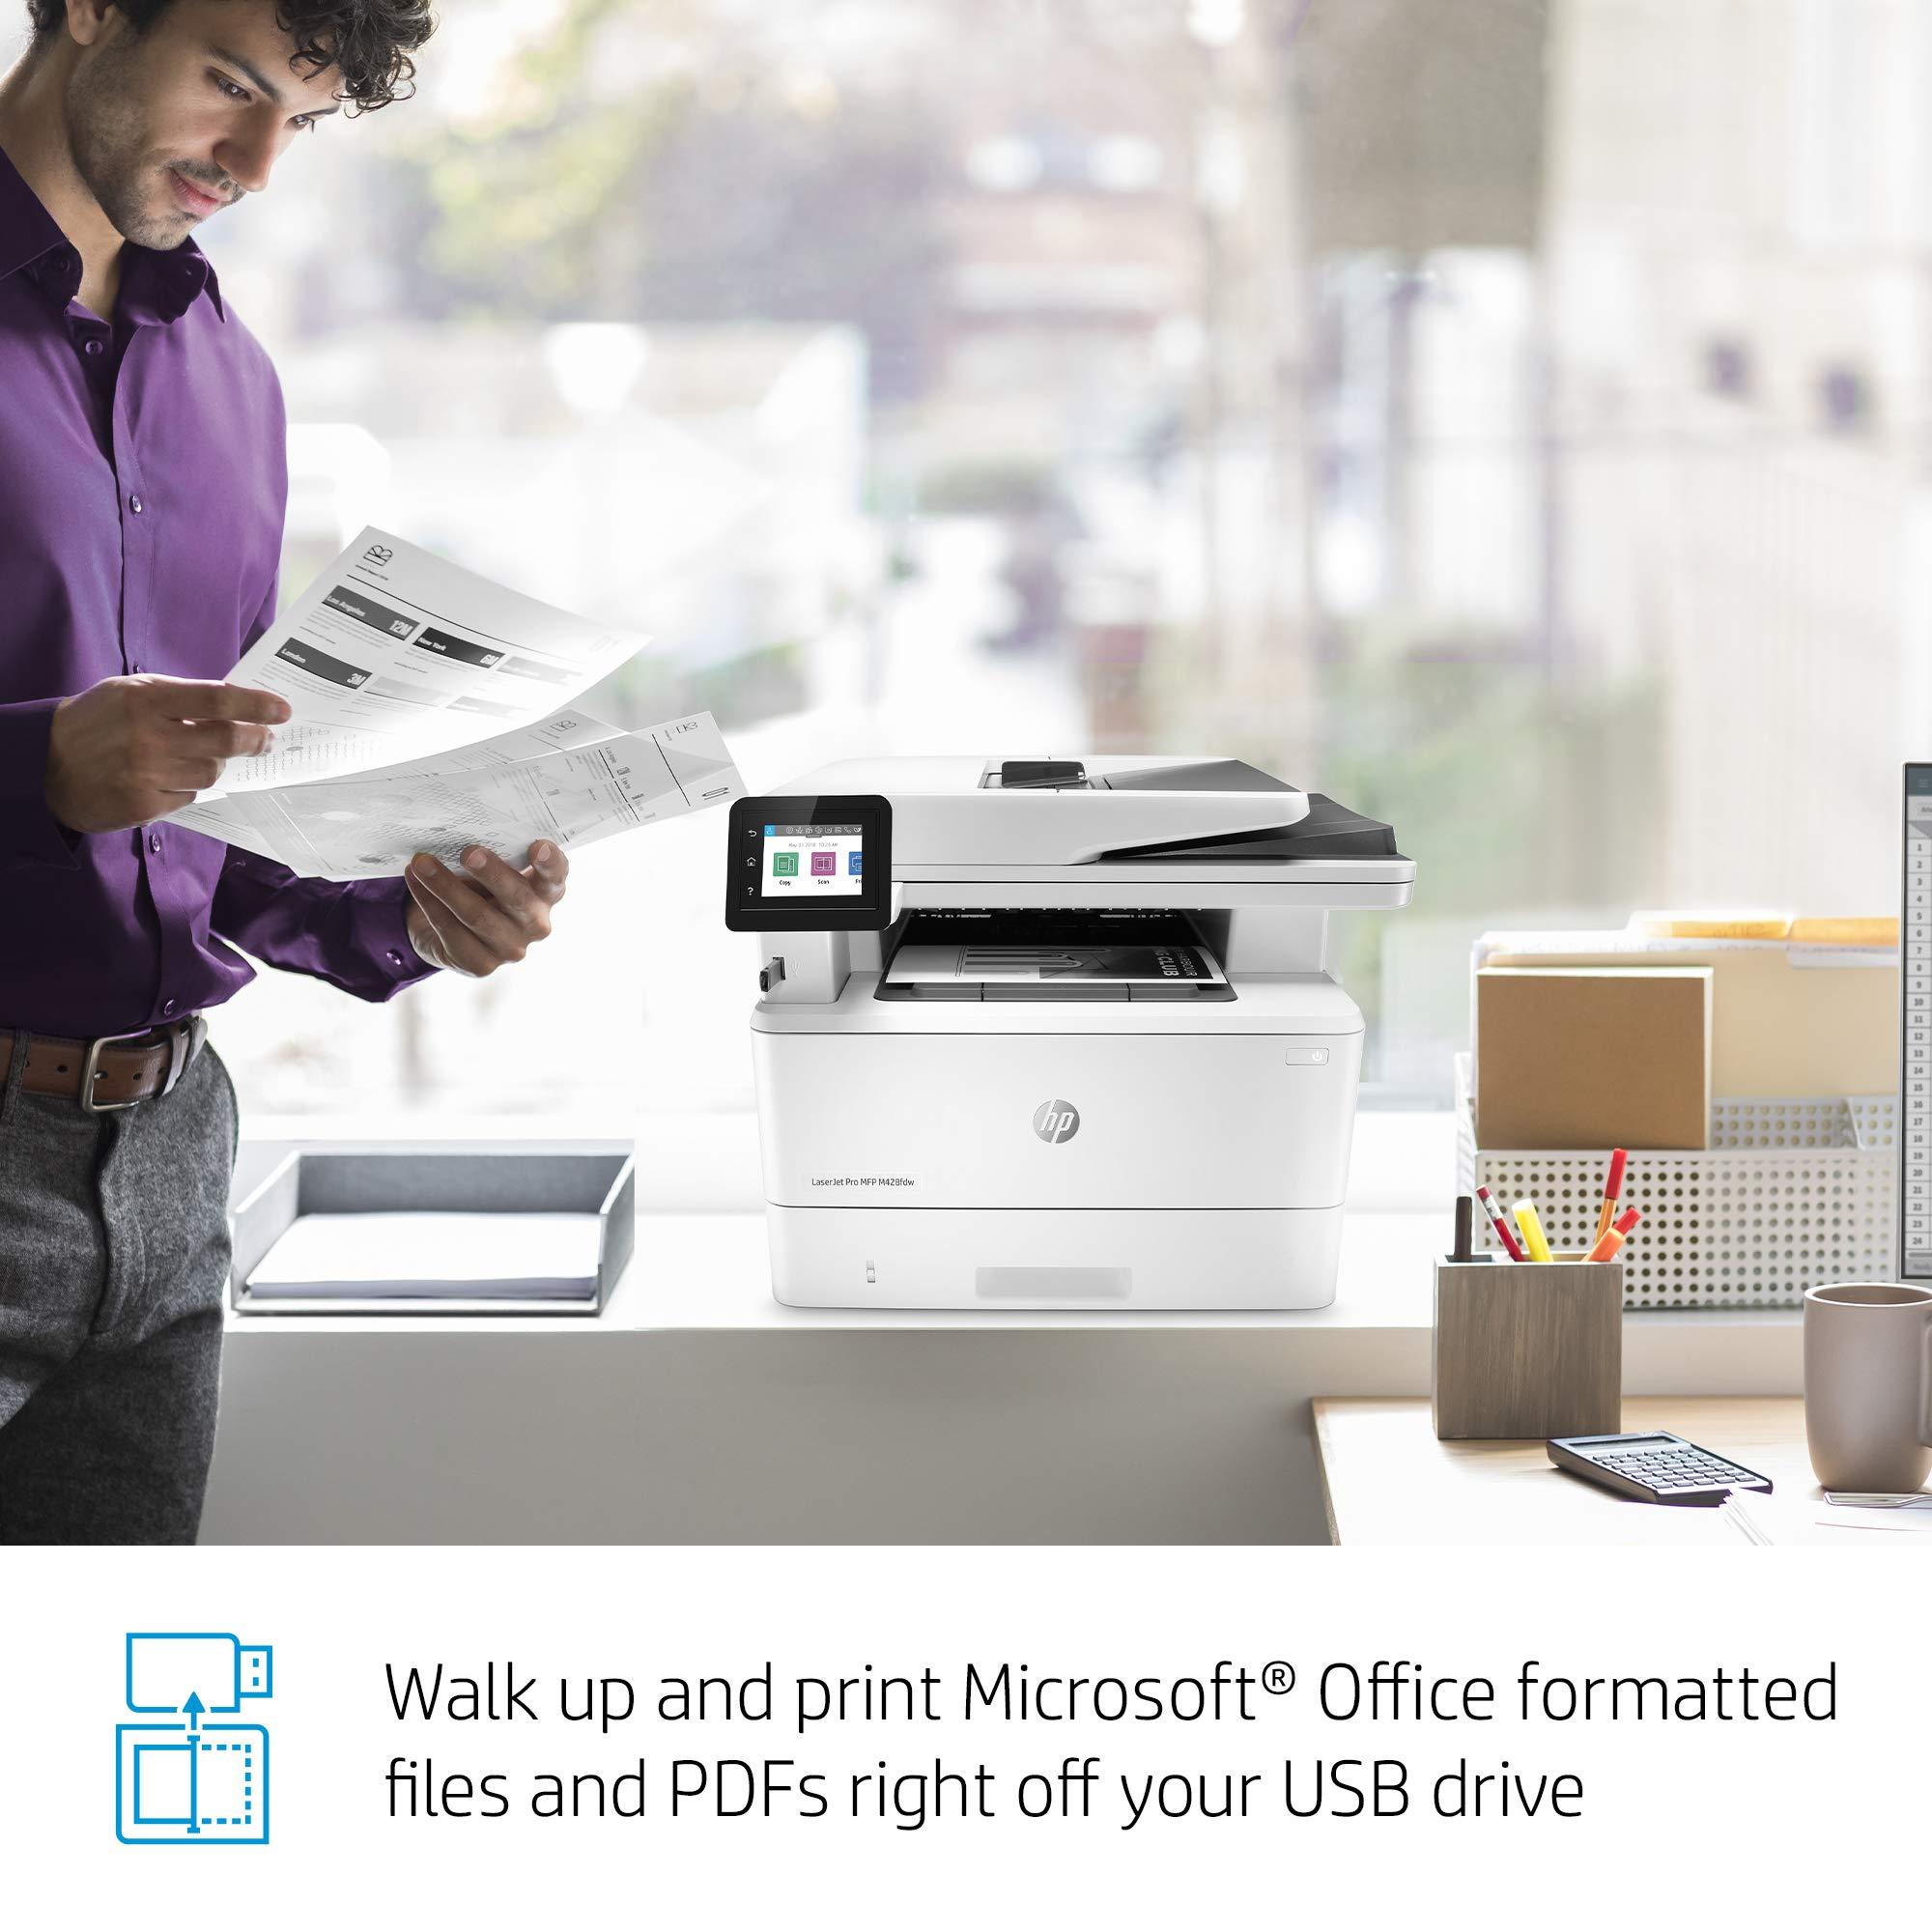 HP LaserJet Pro Multifunction M428fdw Wireless Laser Printer (W1A30A) by HP (Image #12)